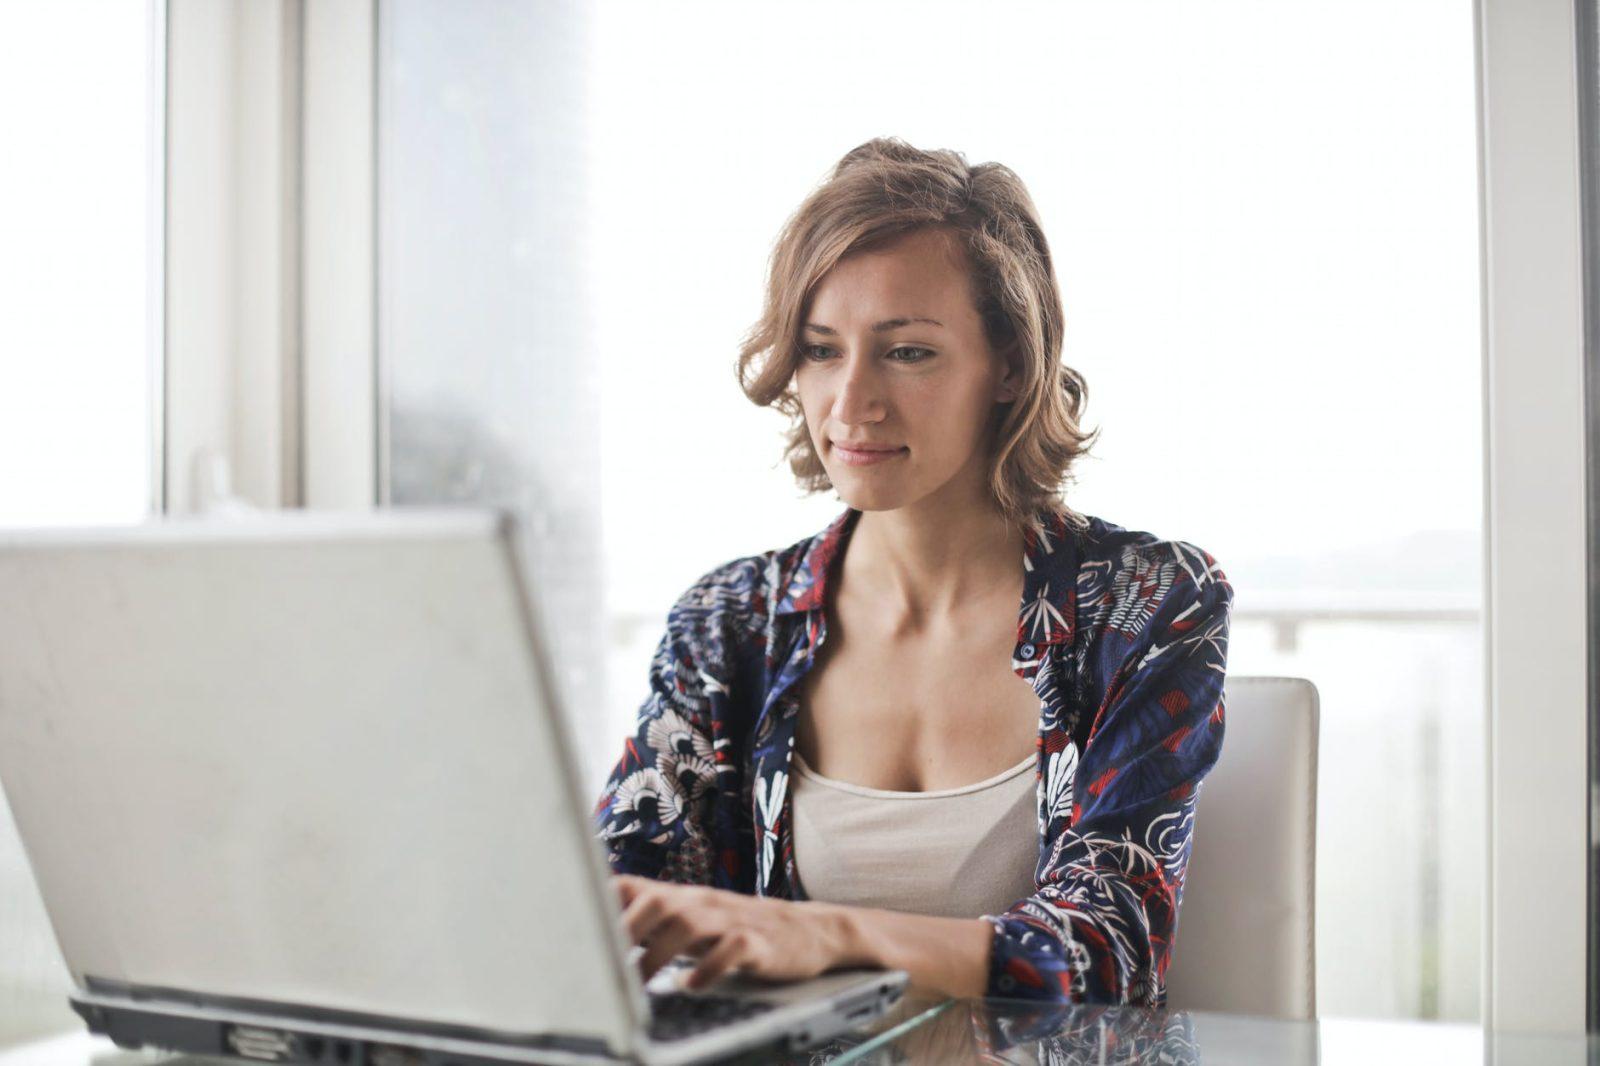 מה הם היתרונות בפתיחת עסק מהבית